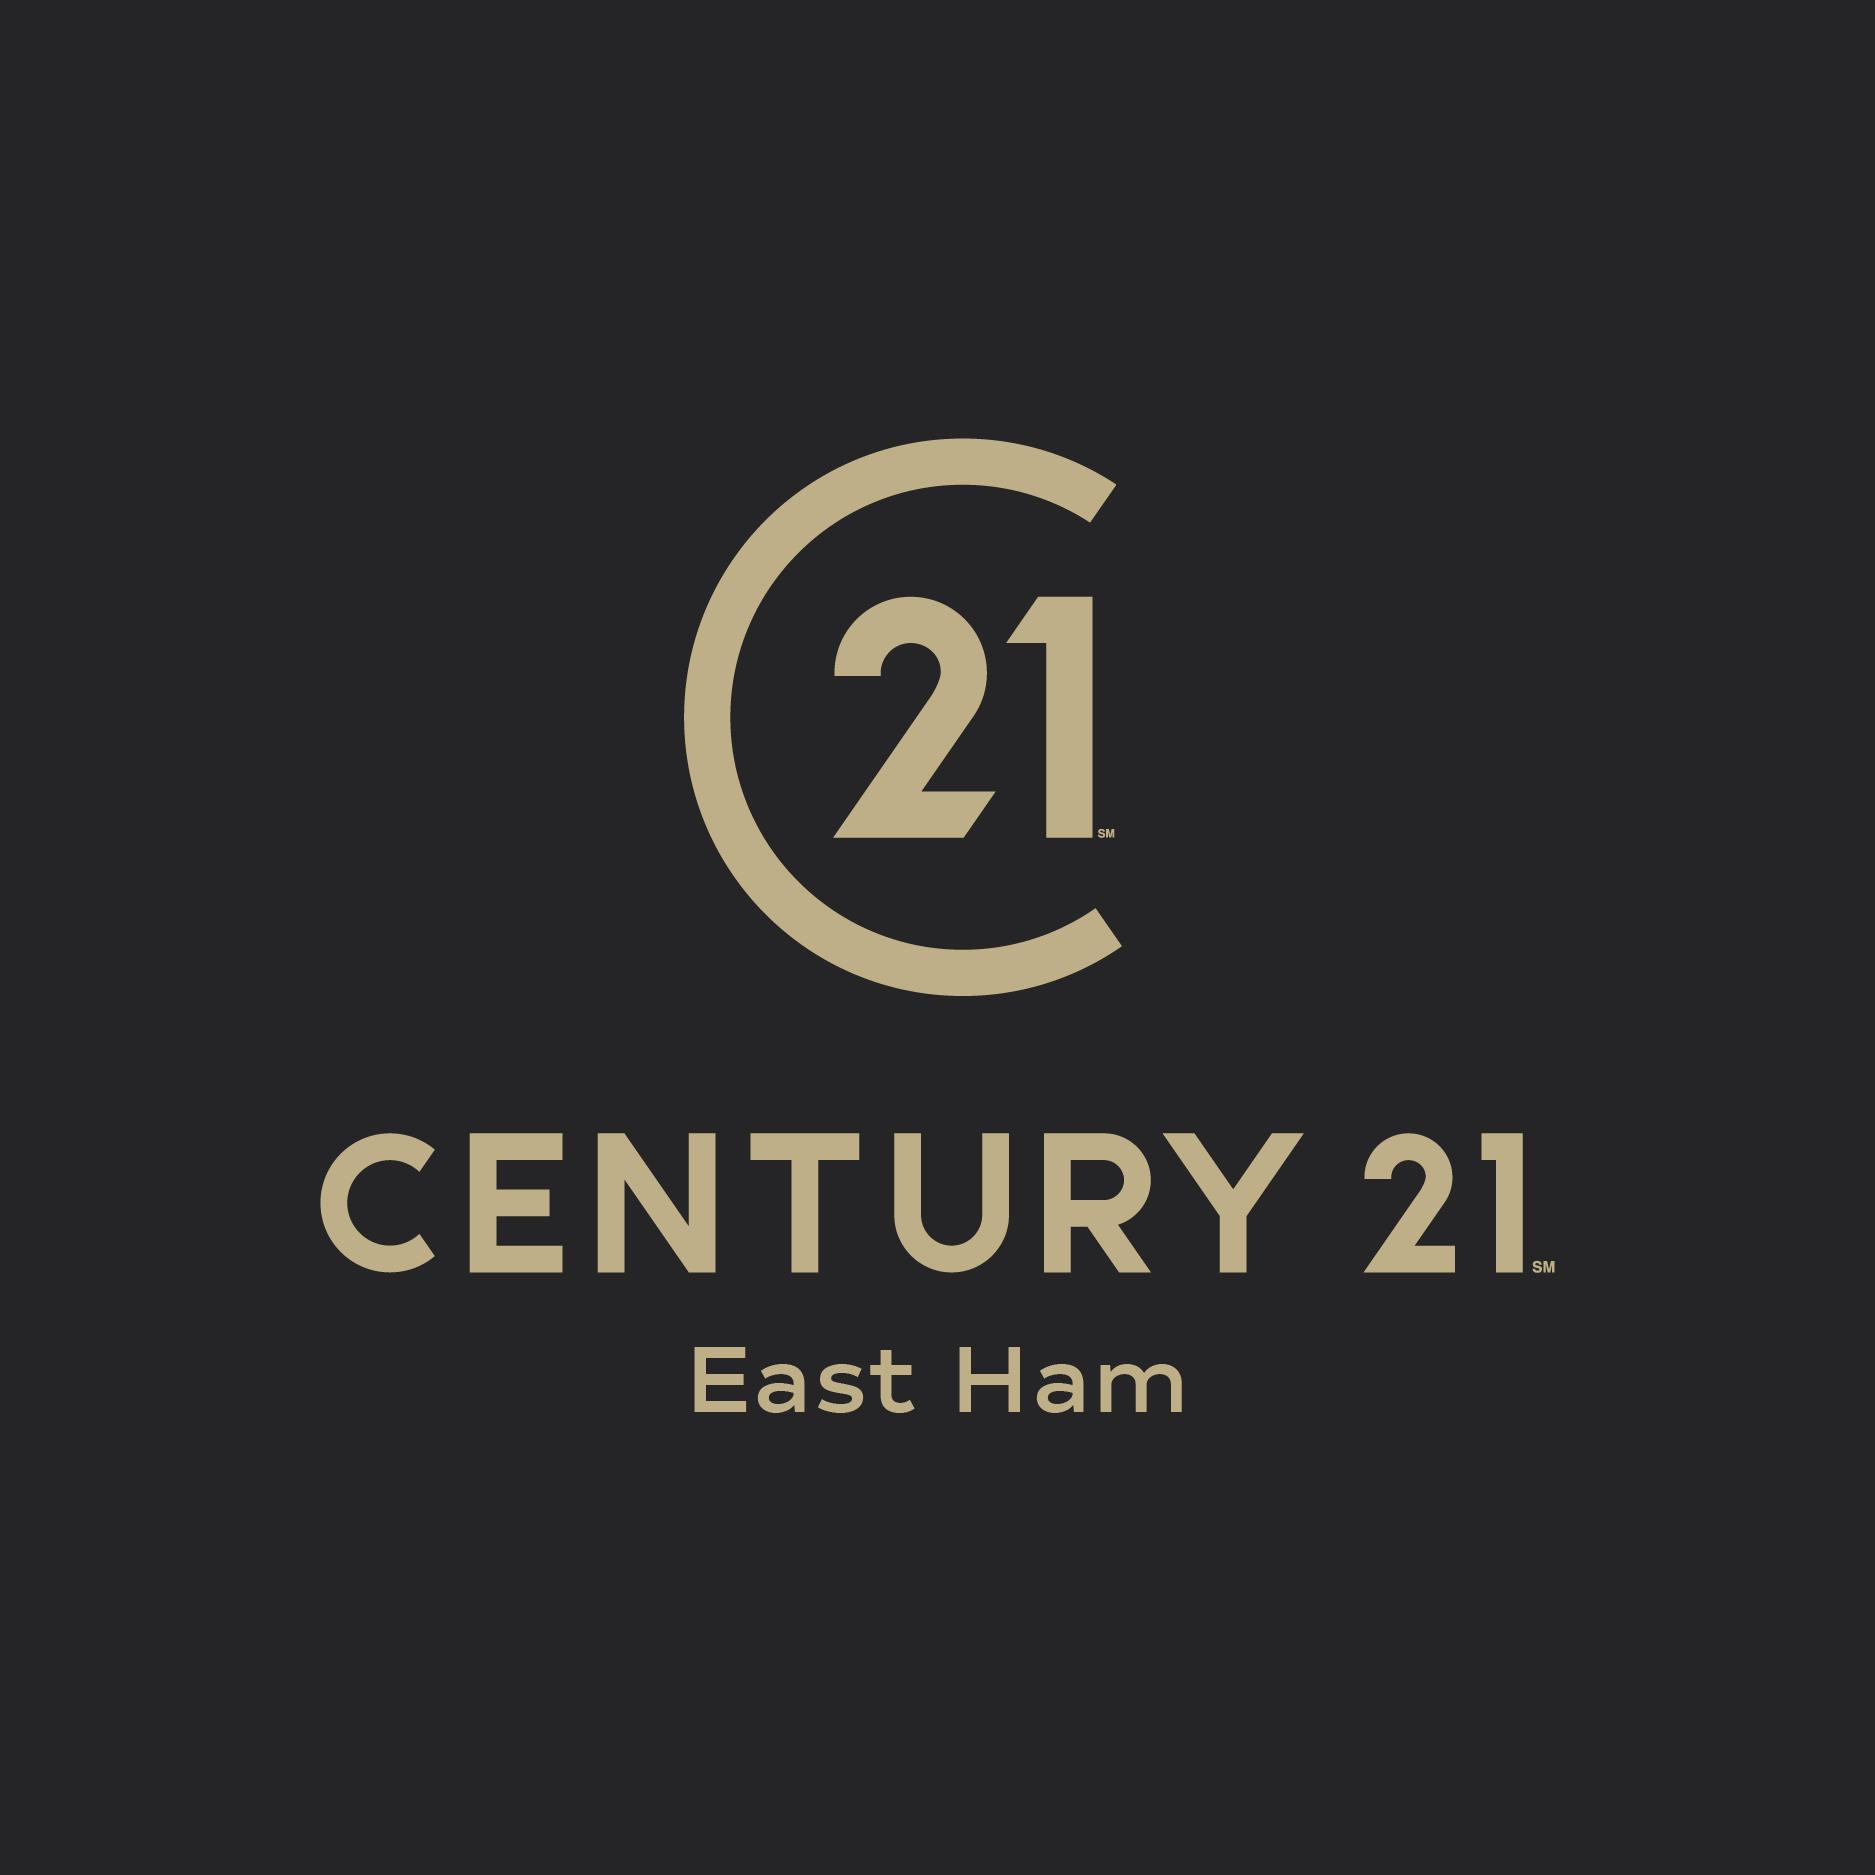 Century 21 - East Ham